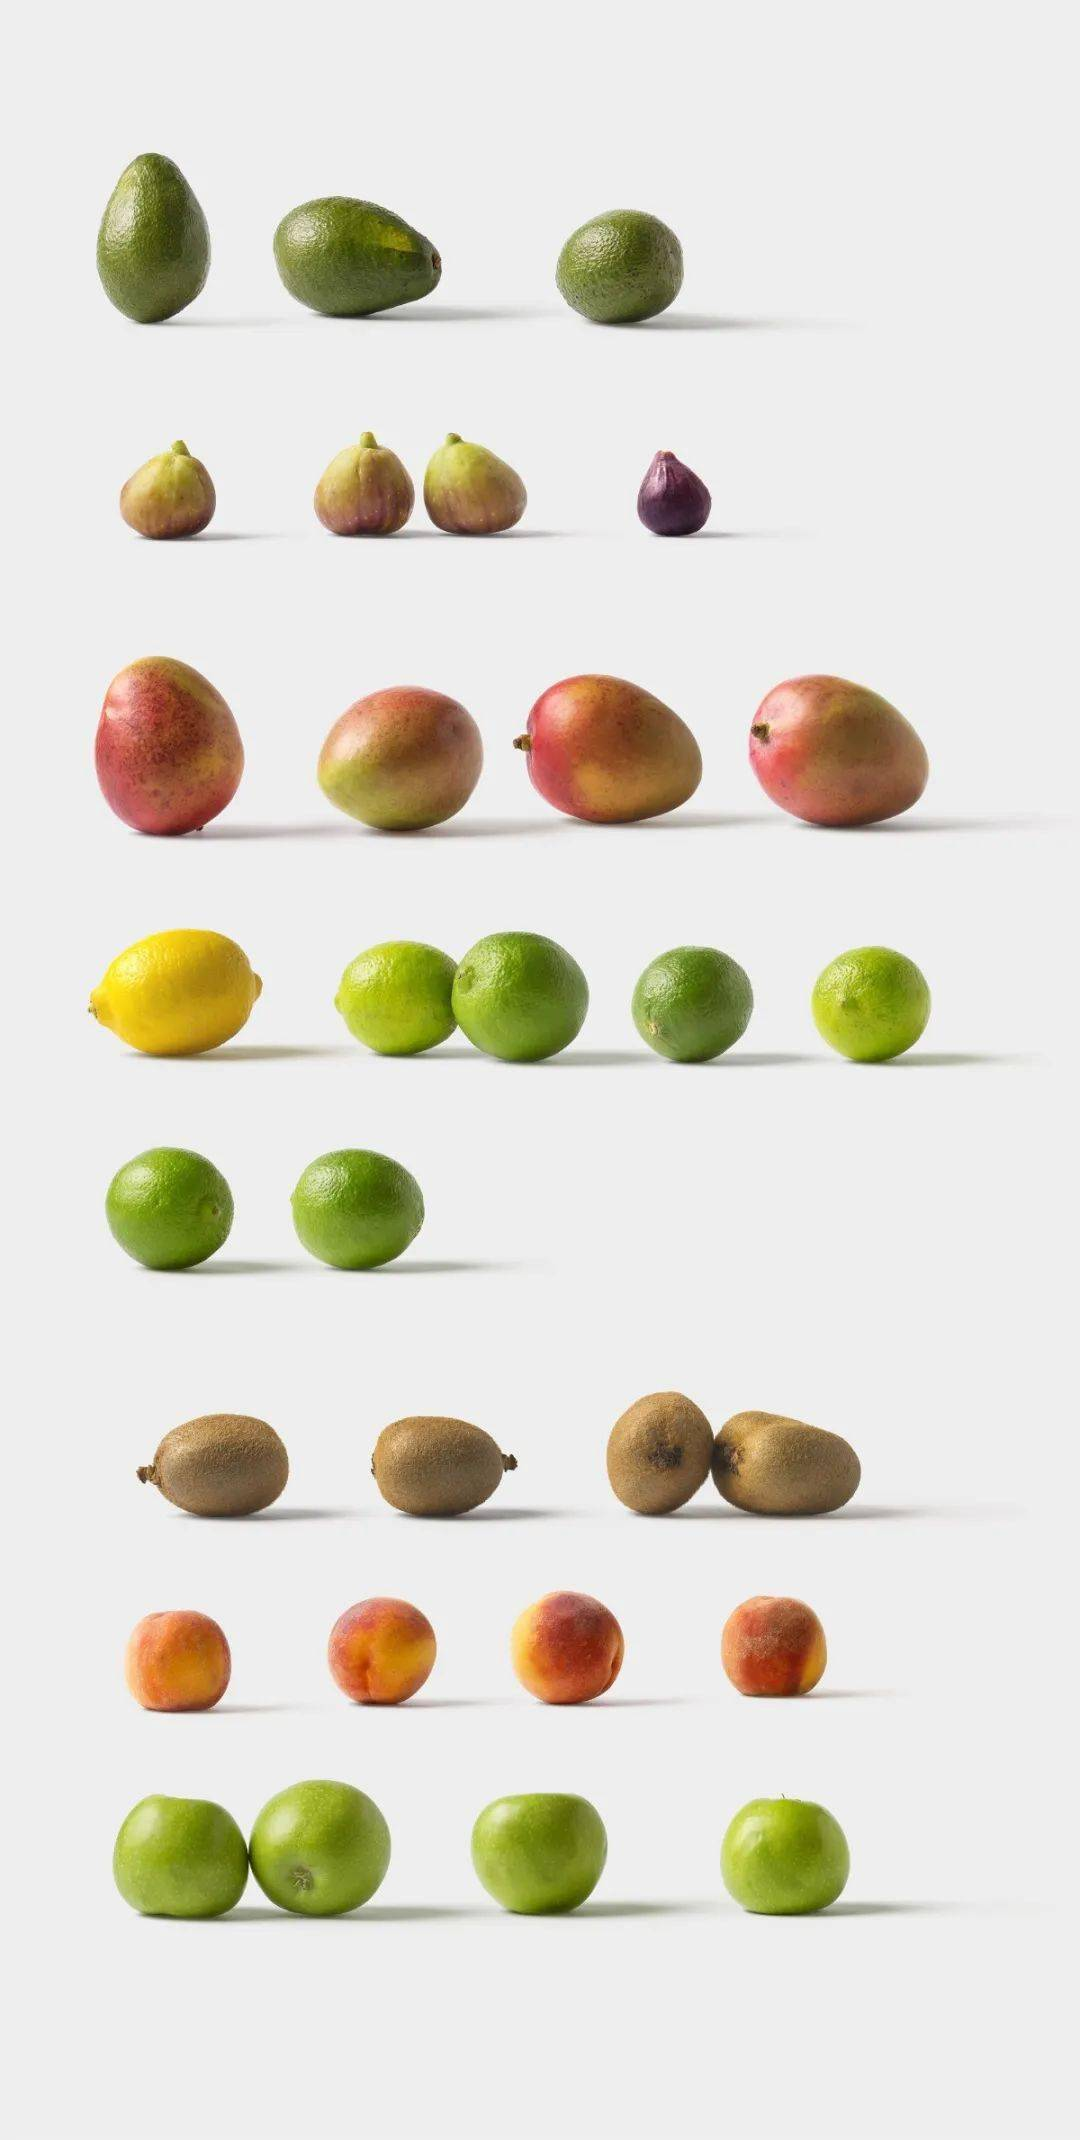 画画大全简单漂亮水果